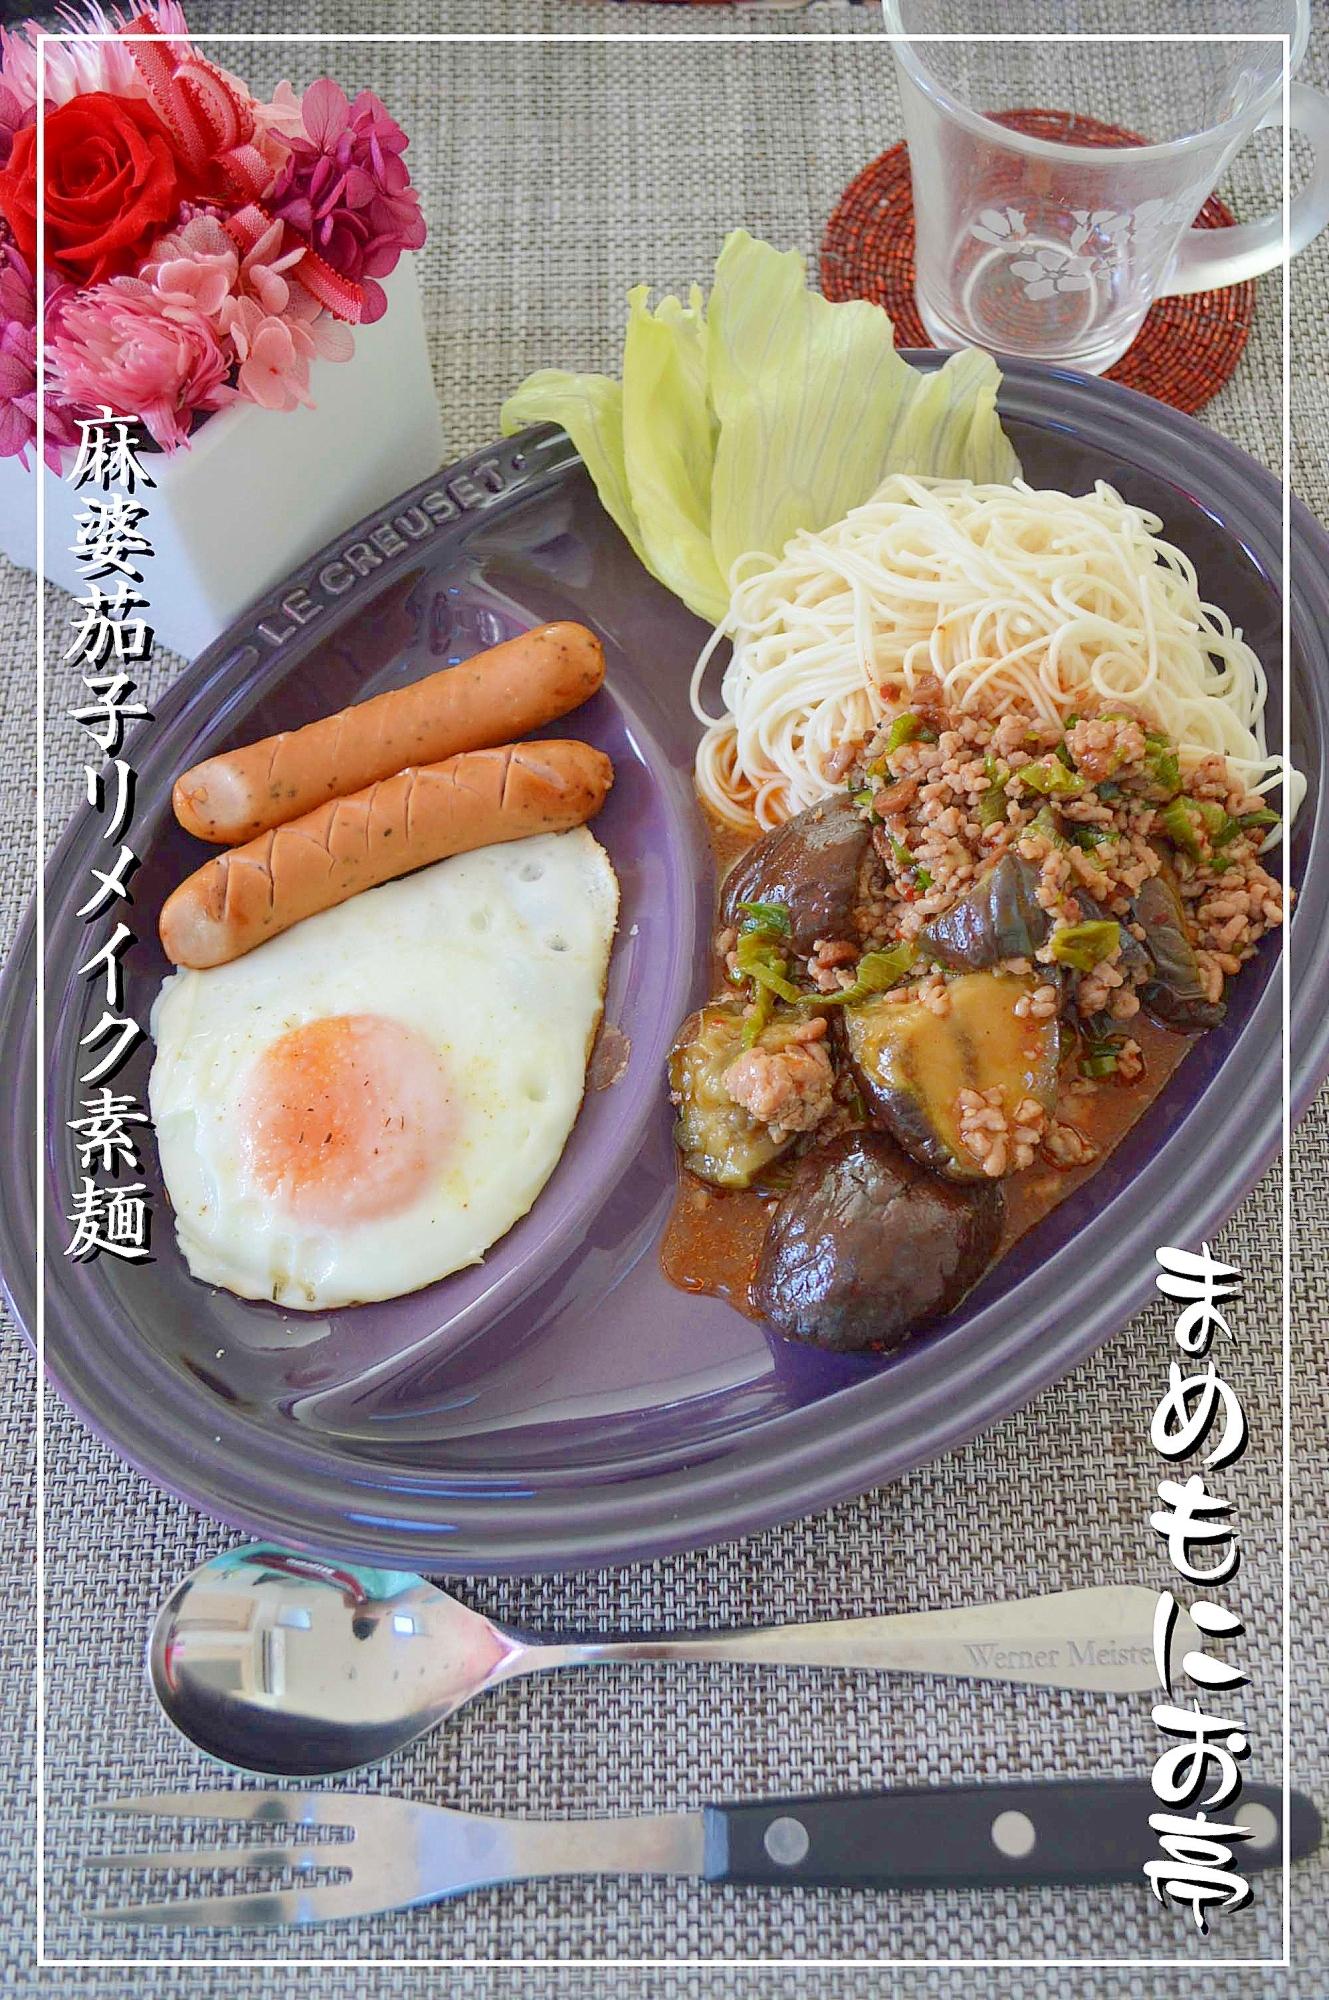 麻婆茄子リメイク素麺ランチ♪